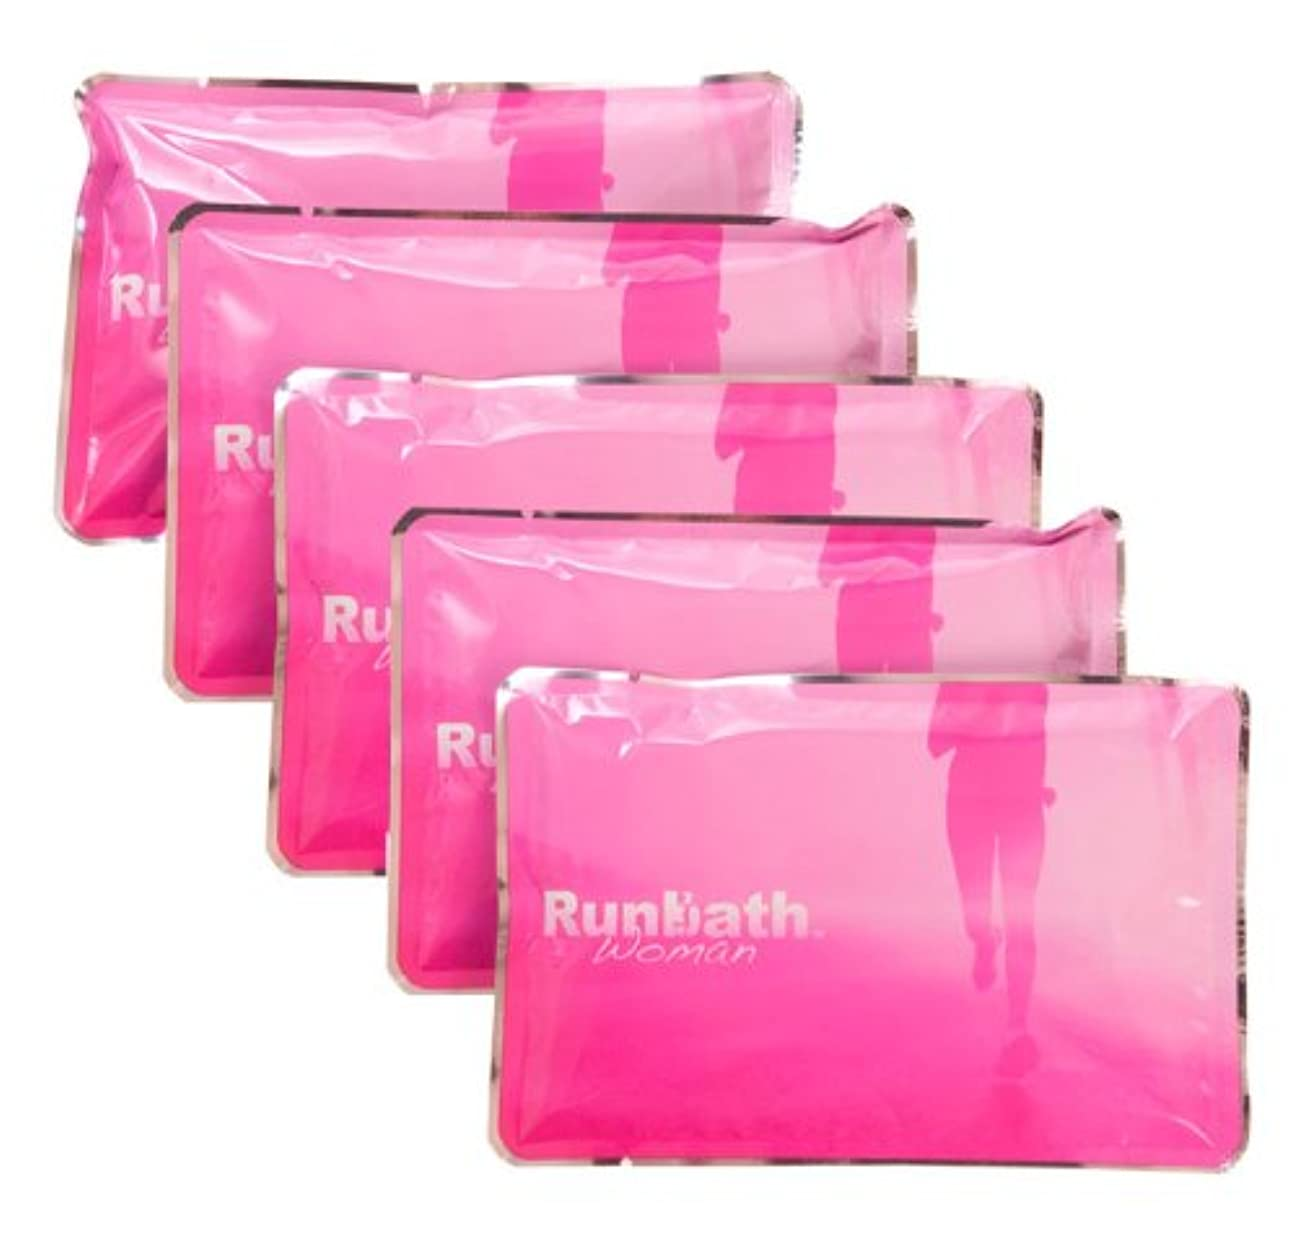 ロマンチック手荷物羨望Runbath Woman ランバスウーマン 5個セット